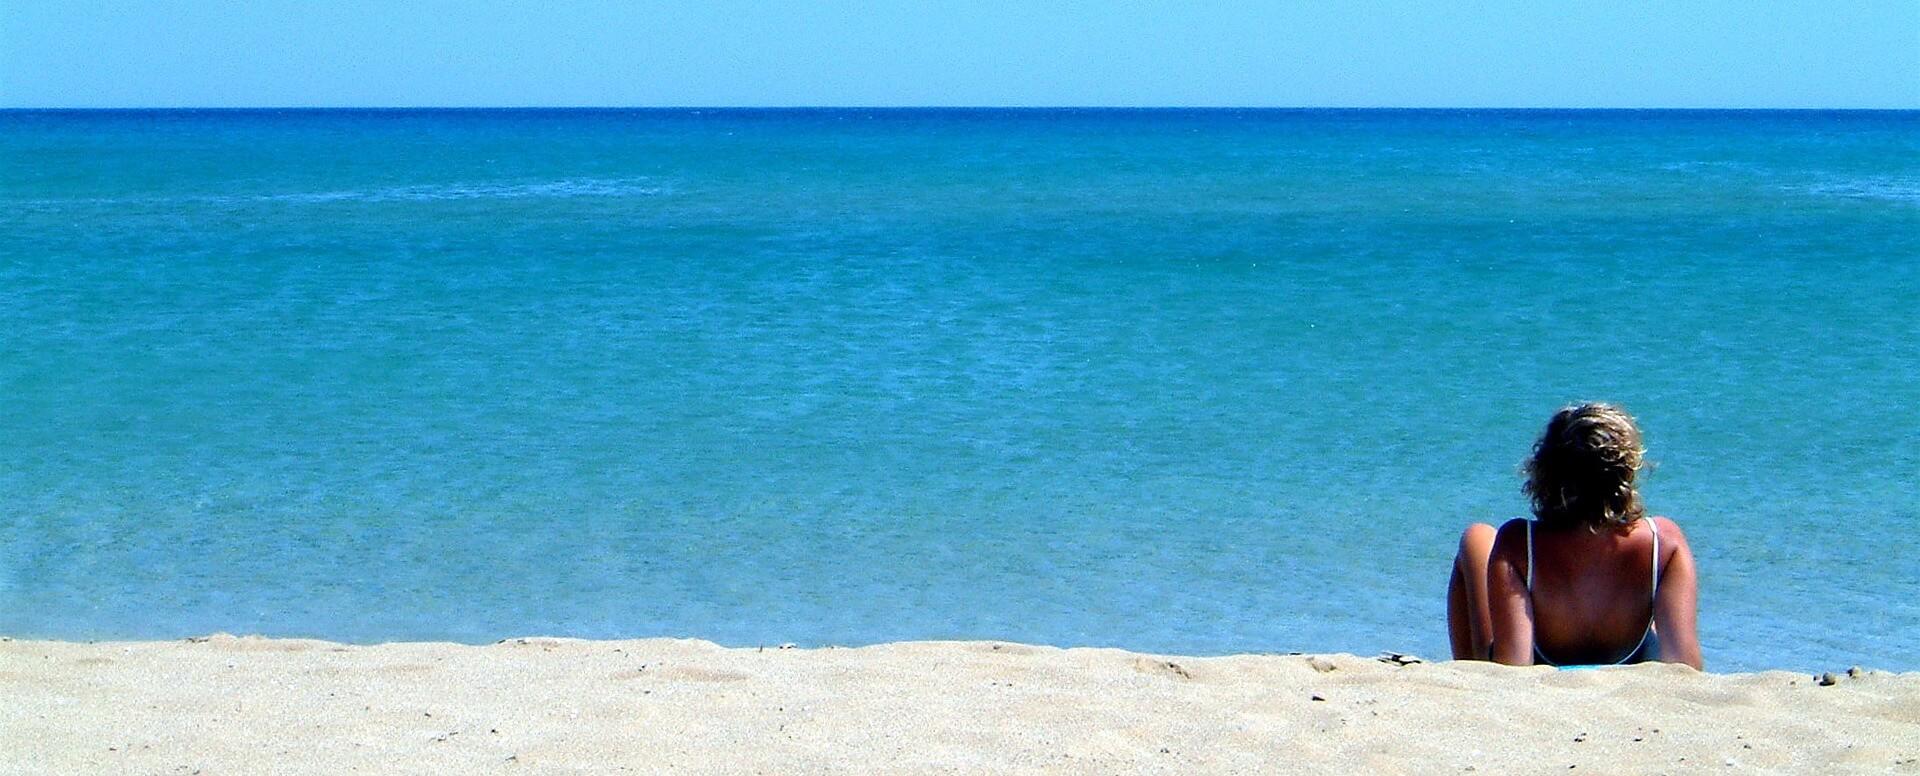 Les plus belles plages siciliennes - Sicile